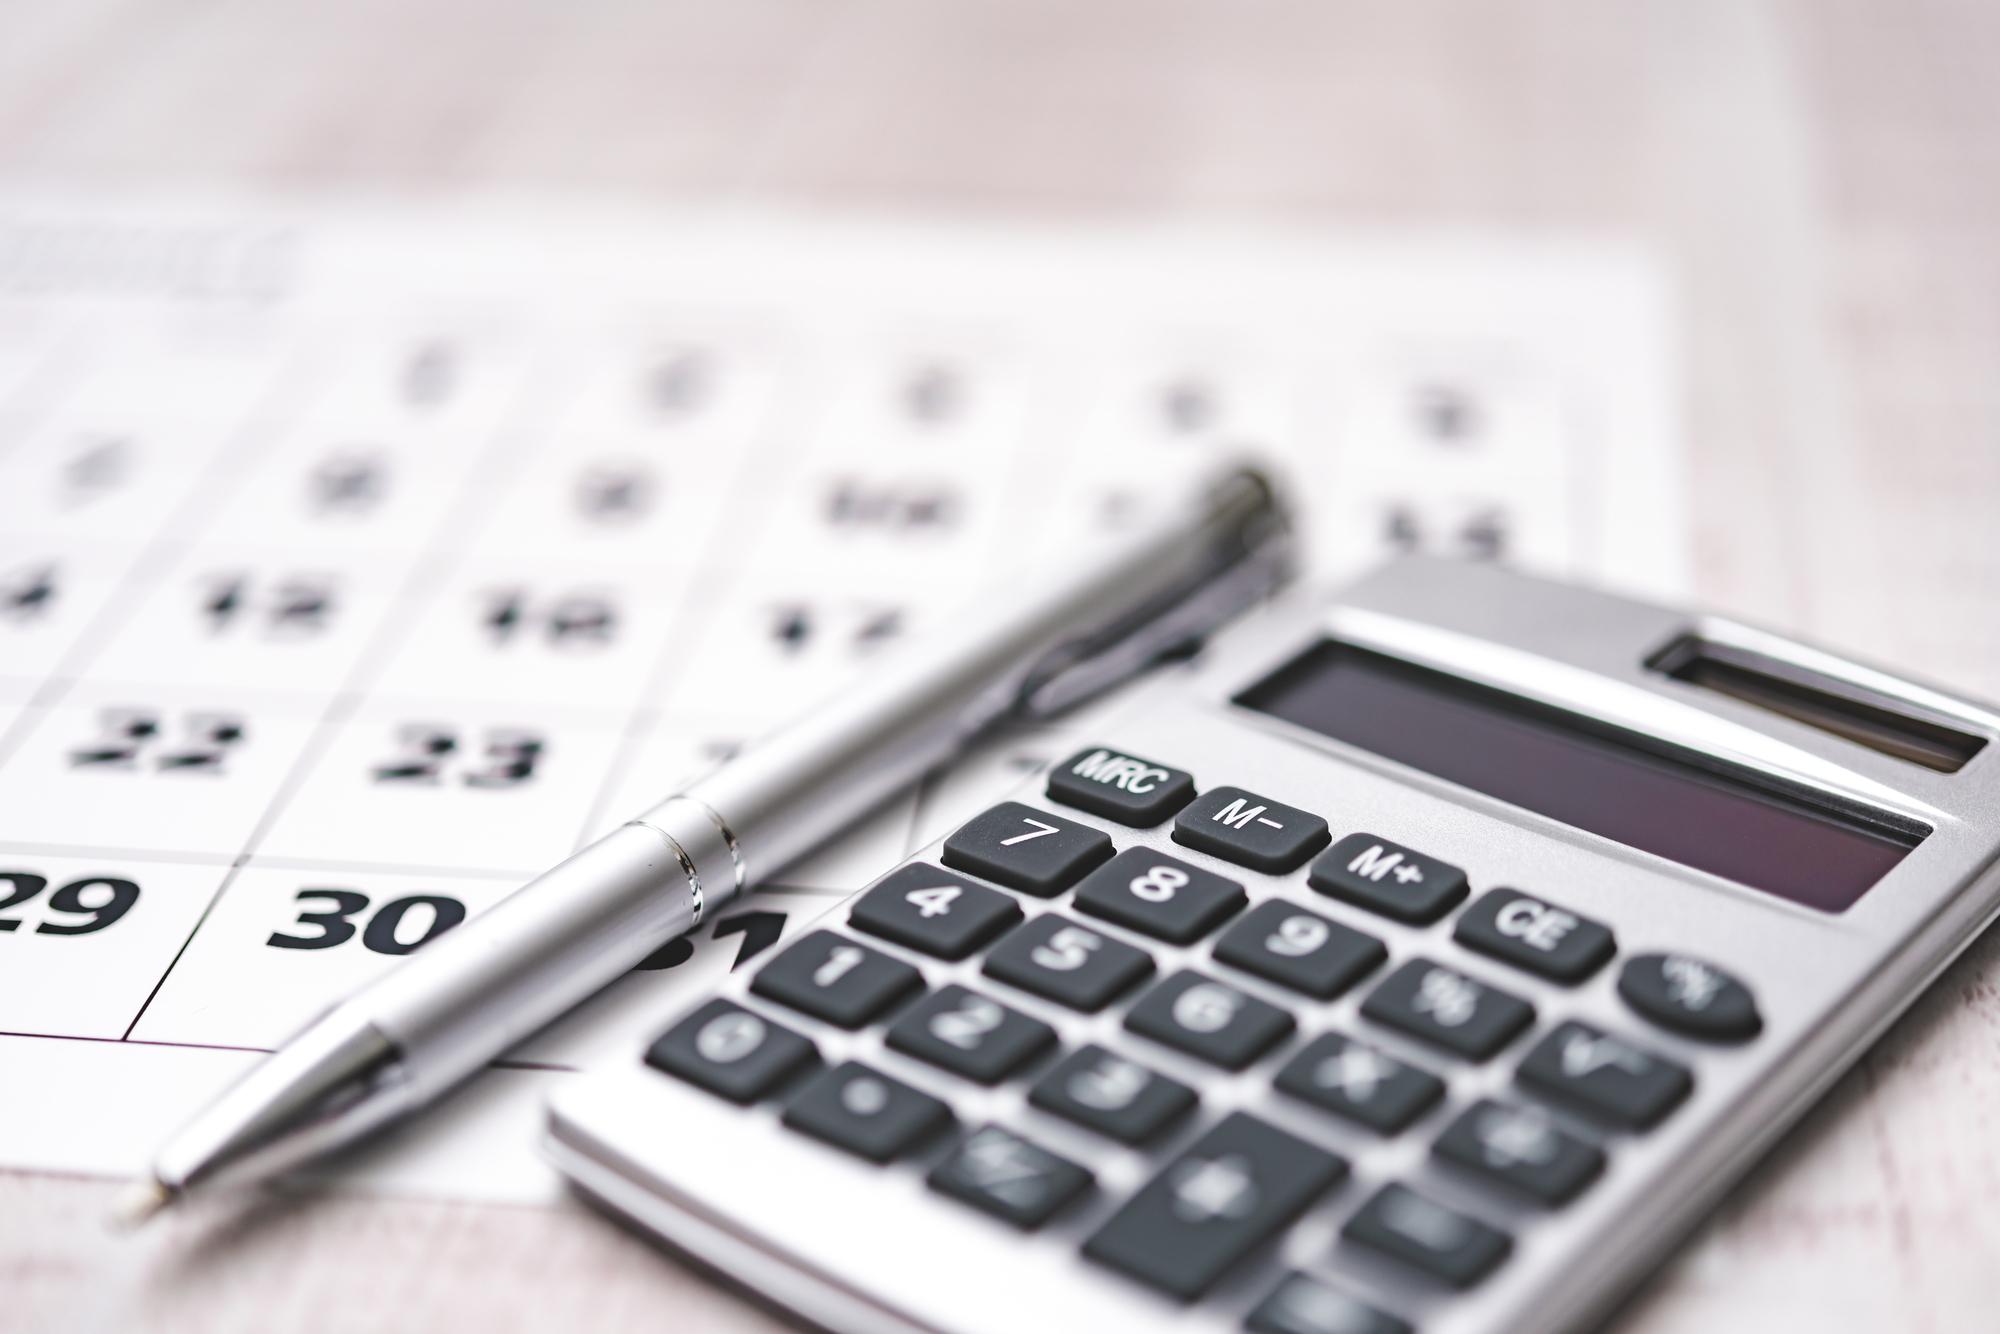 派遣の休業手当・休業補償について 担当者が押さえておきたい支給条件、計算方法を整理して解説!_5